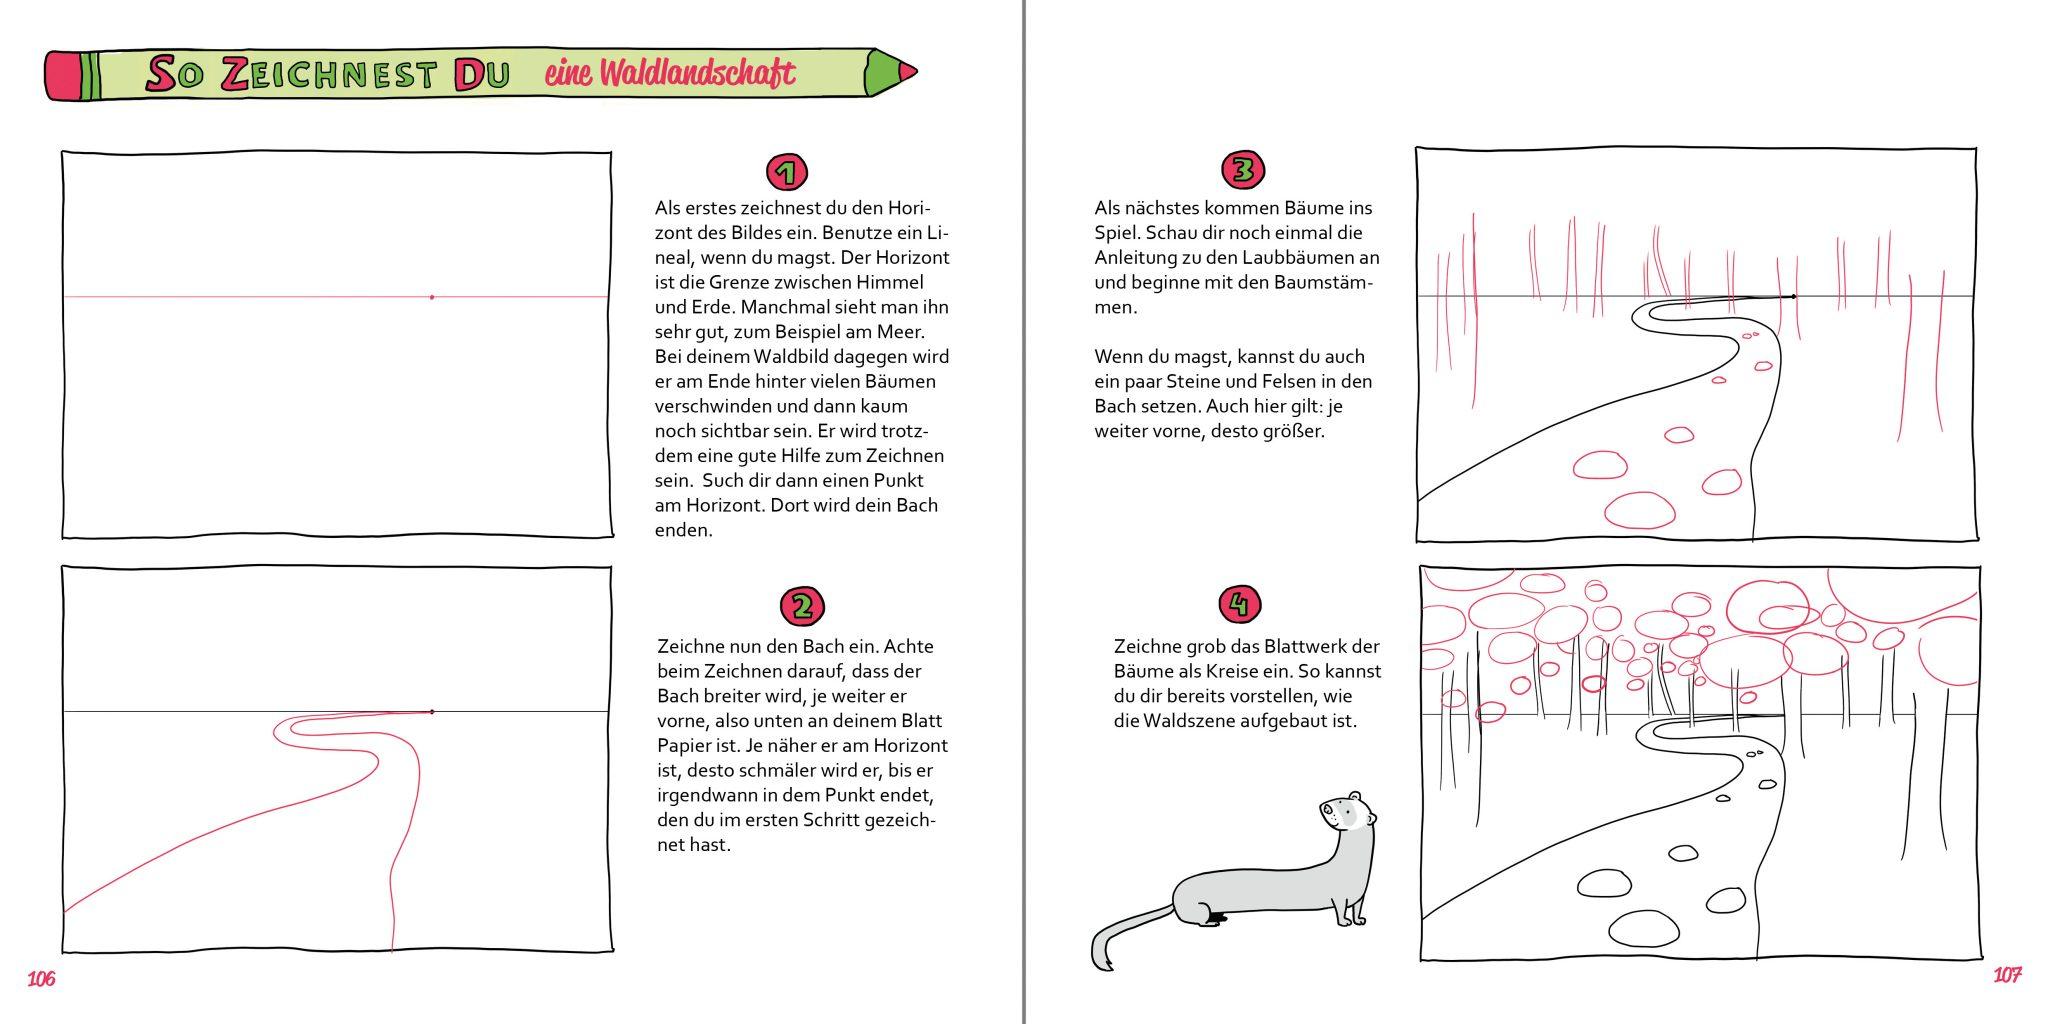 So zeichnest du Buch Zeichenschule Waldlandschaft 1